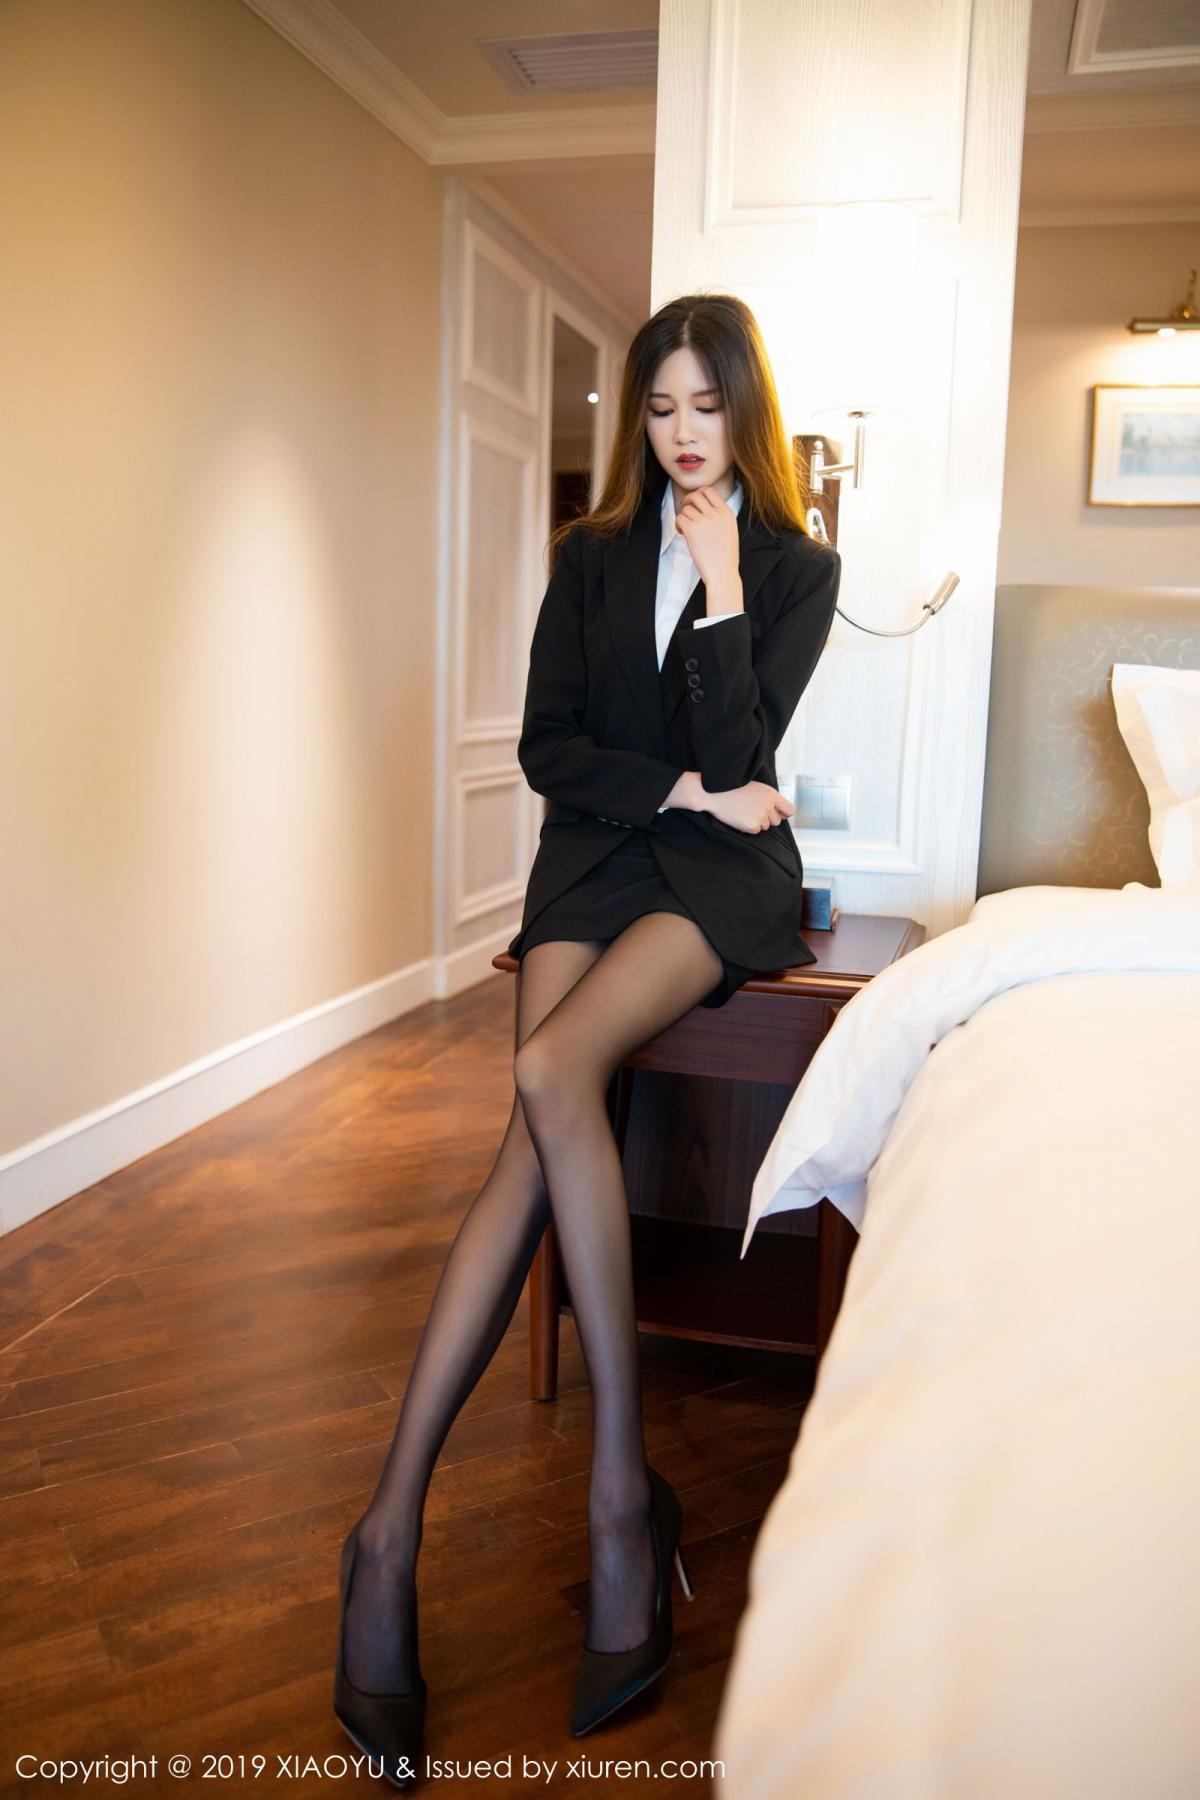 [XiaoYu] Vol.201 Cheng Cheng Cheng 12P, Black Silk, Cheng Cheng Cheng, Uniform, XiaoYu